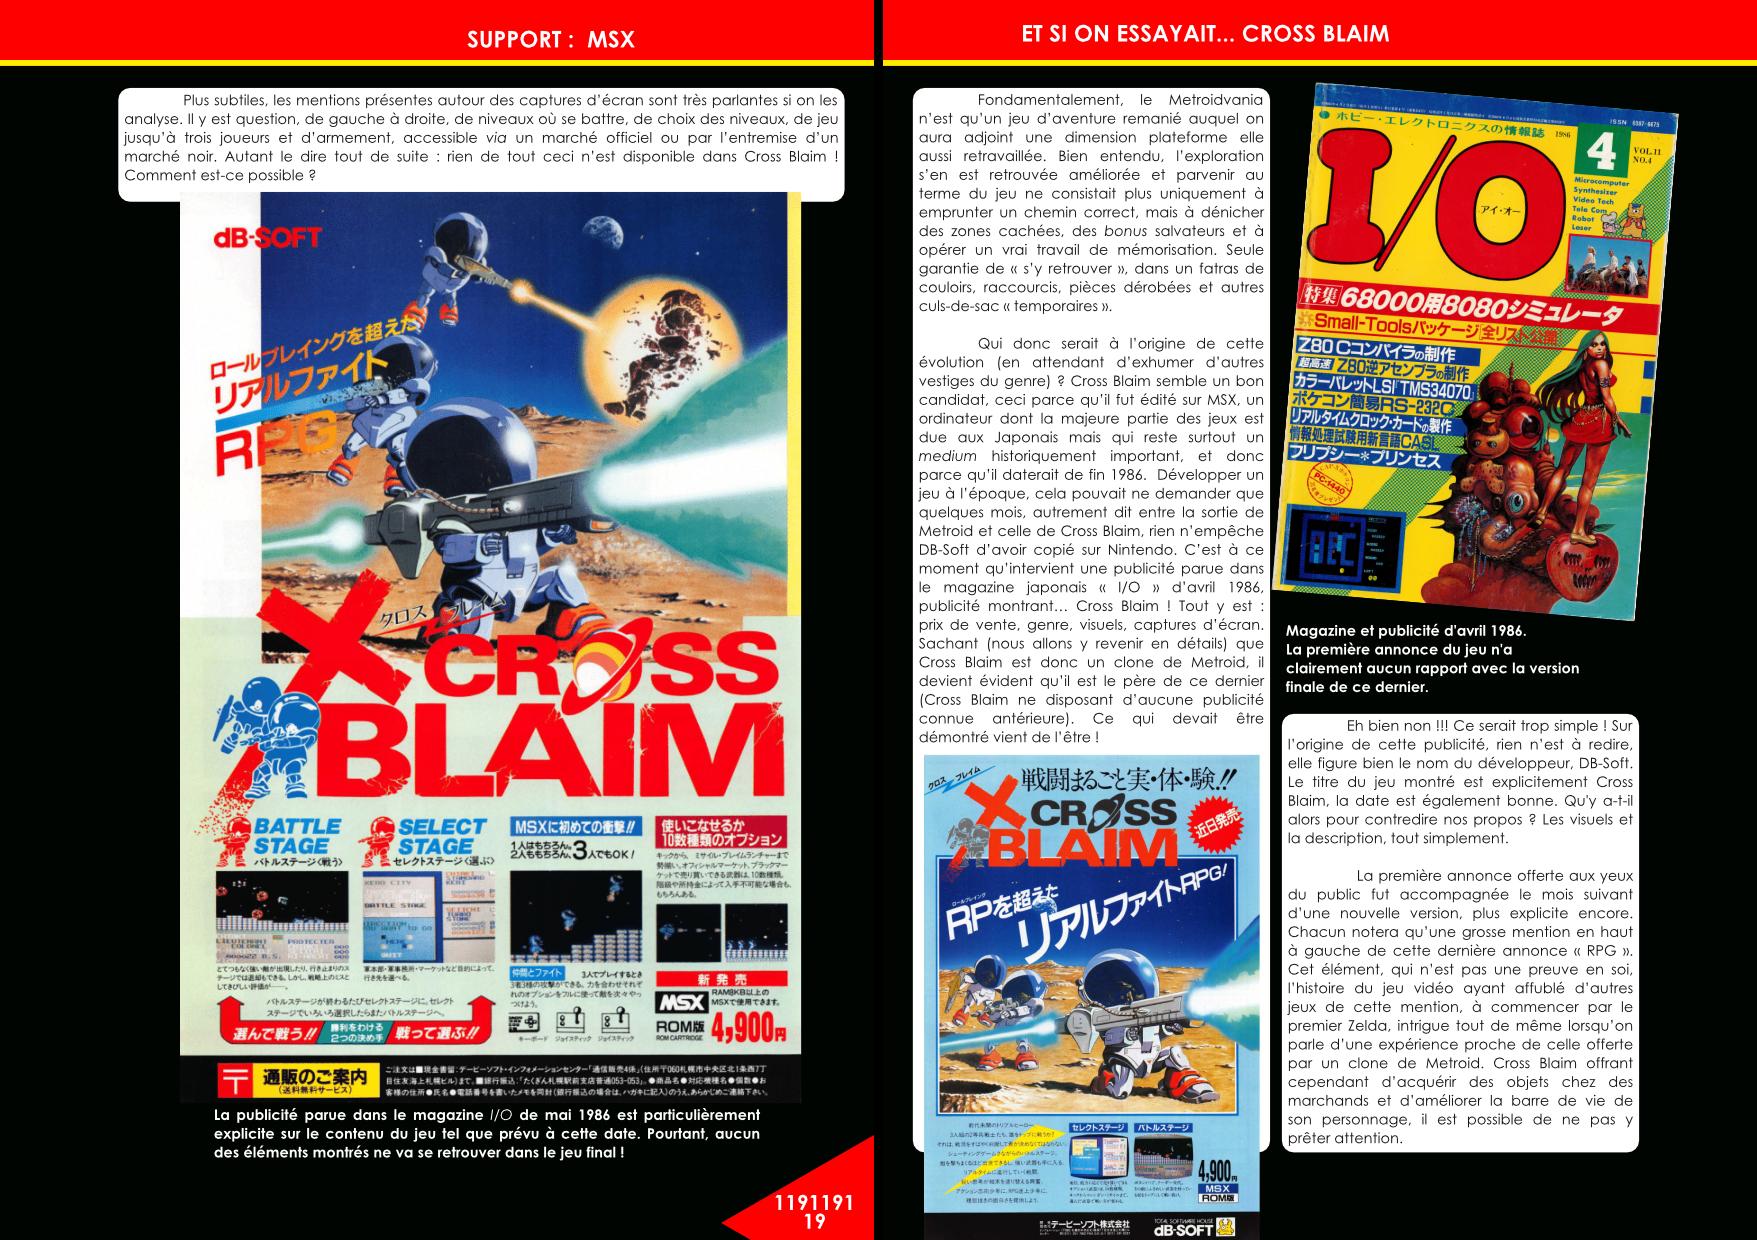 Cross Blaim sur MSX un clone de Metroid article de Côté Gamers